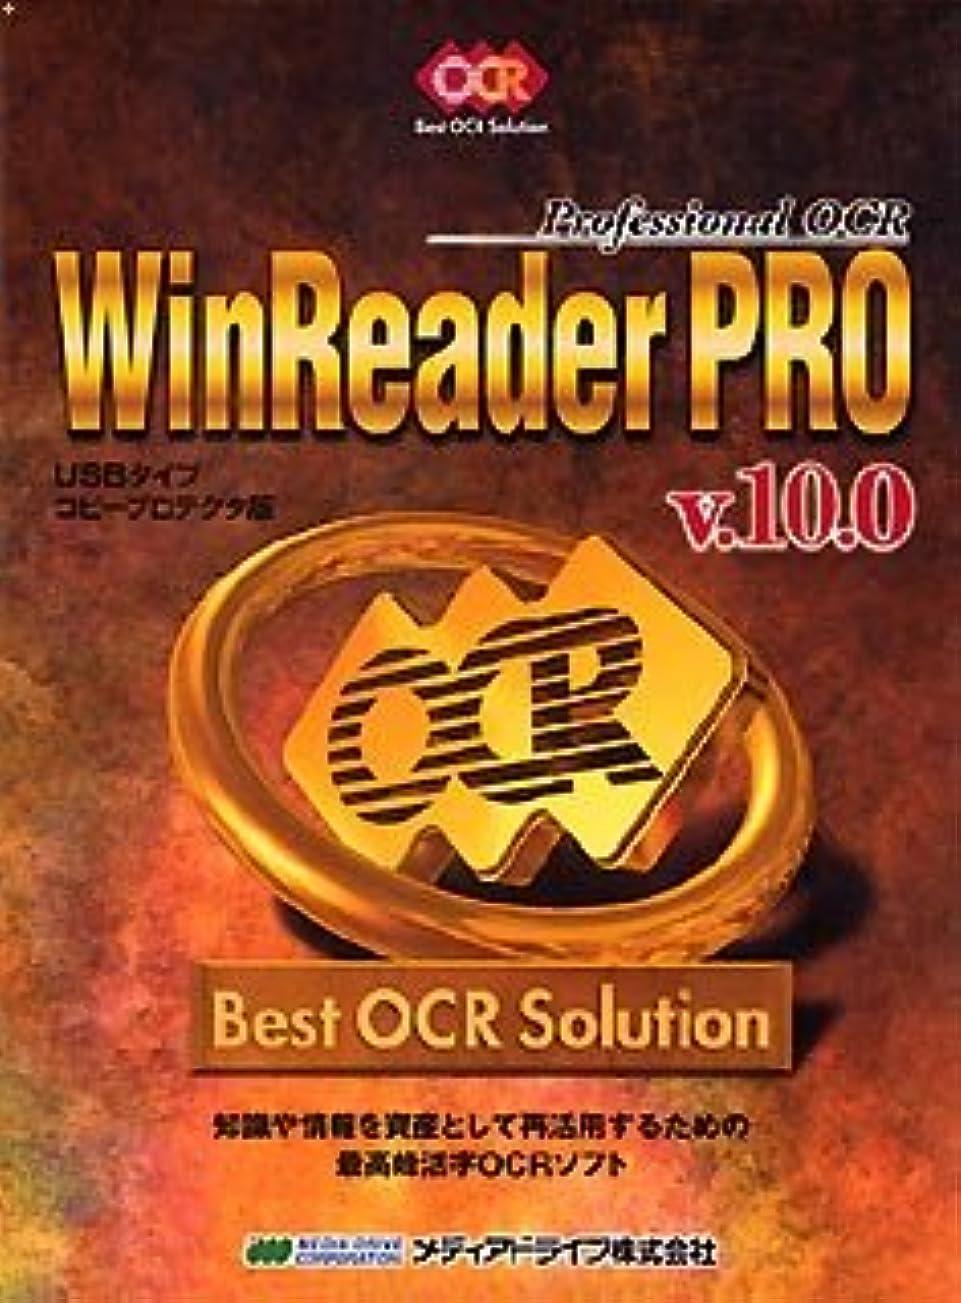 バッテリー歩道代替WinReader PRO v10.0 (USB版)